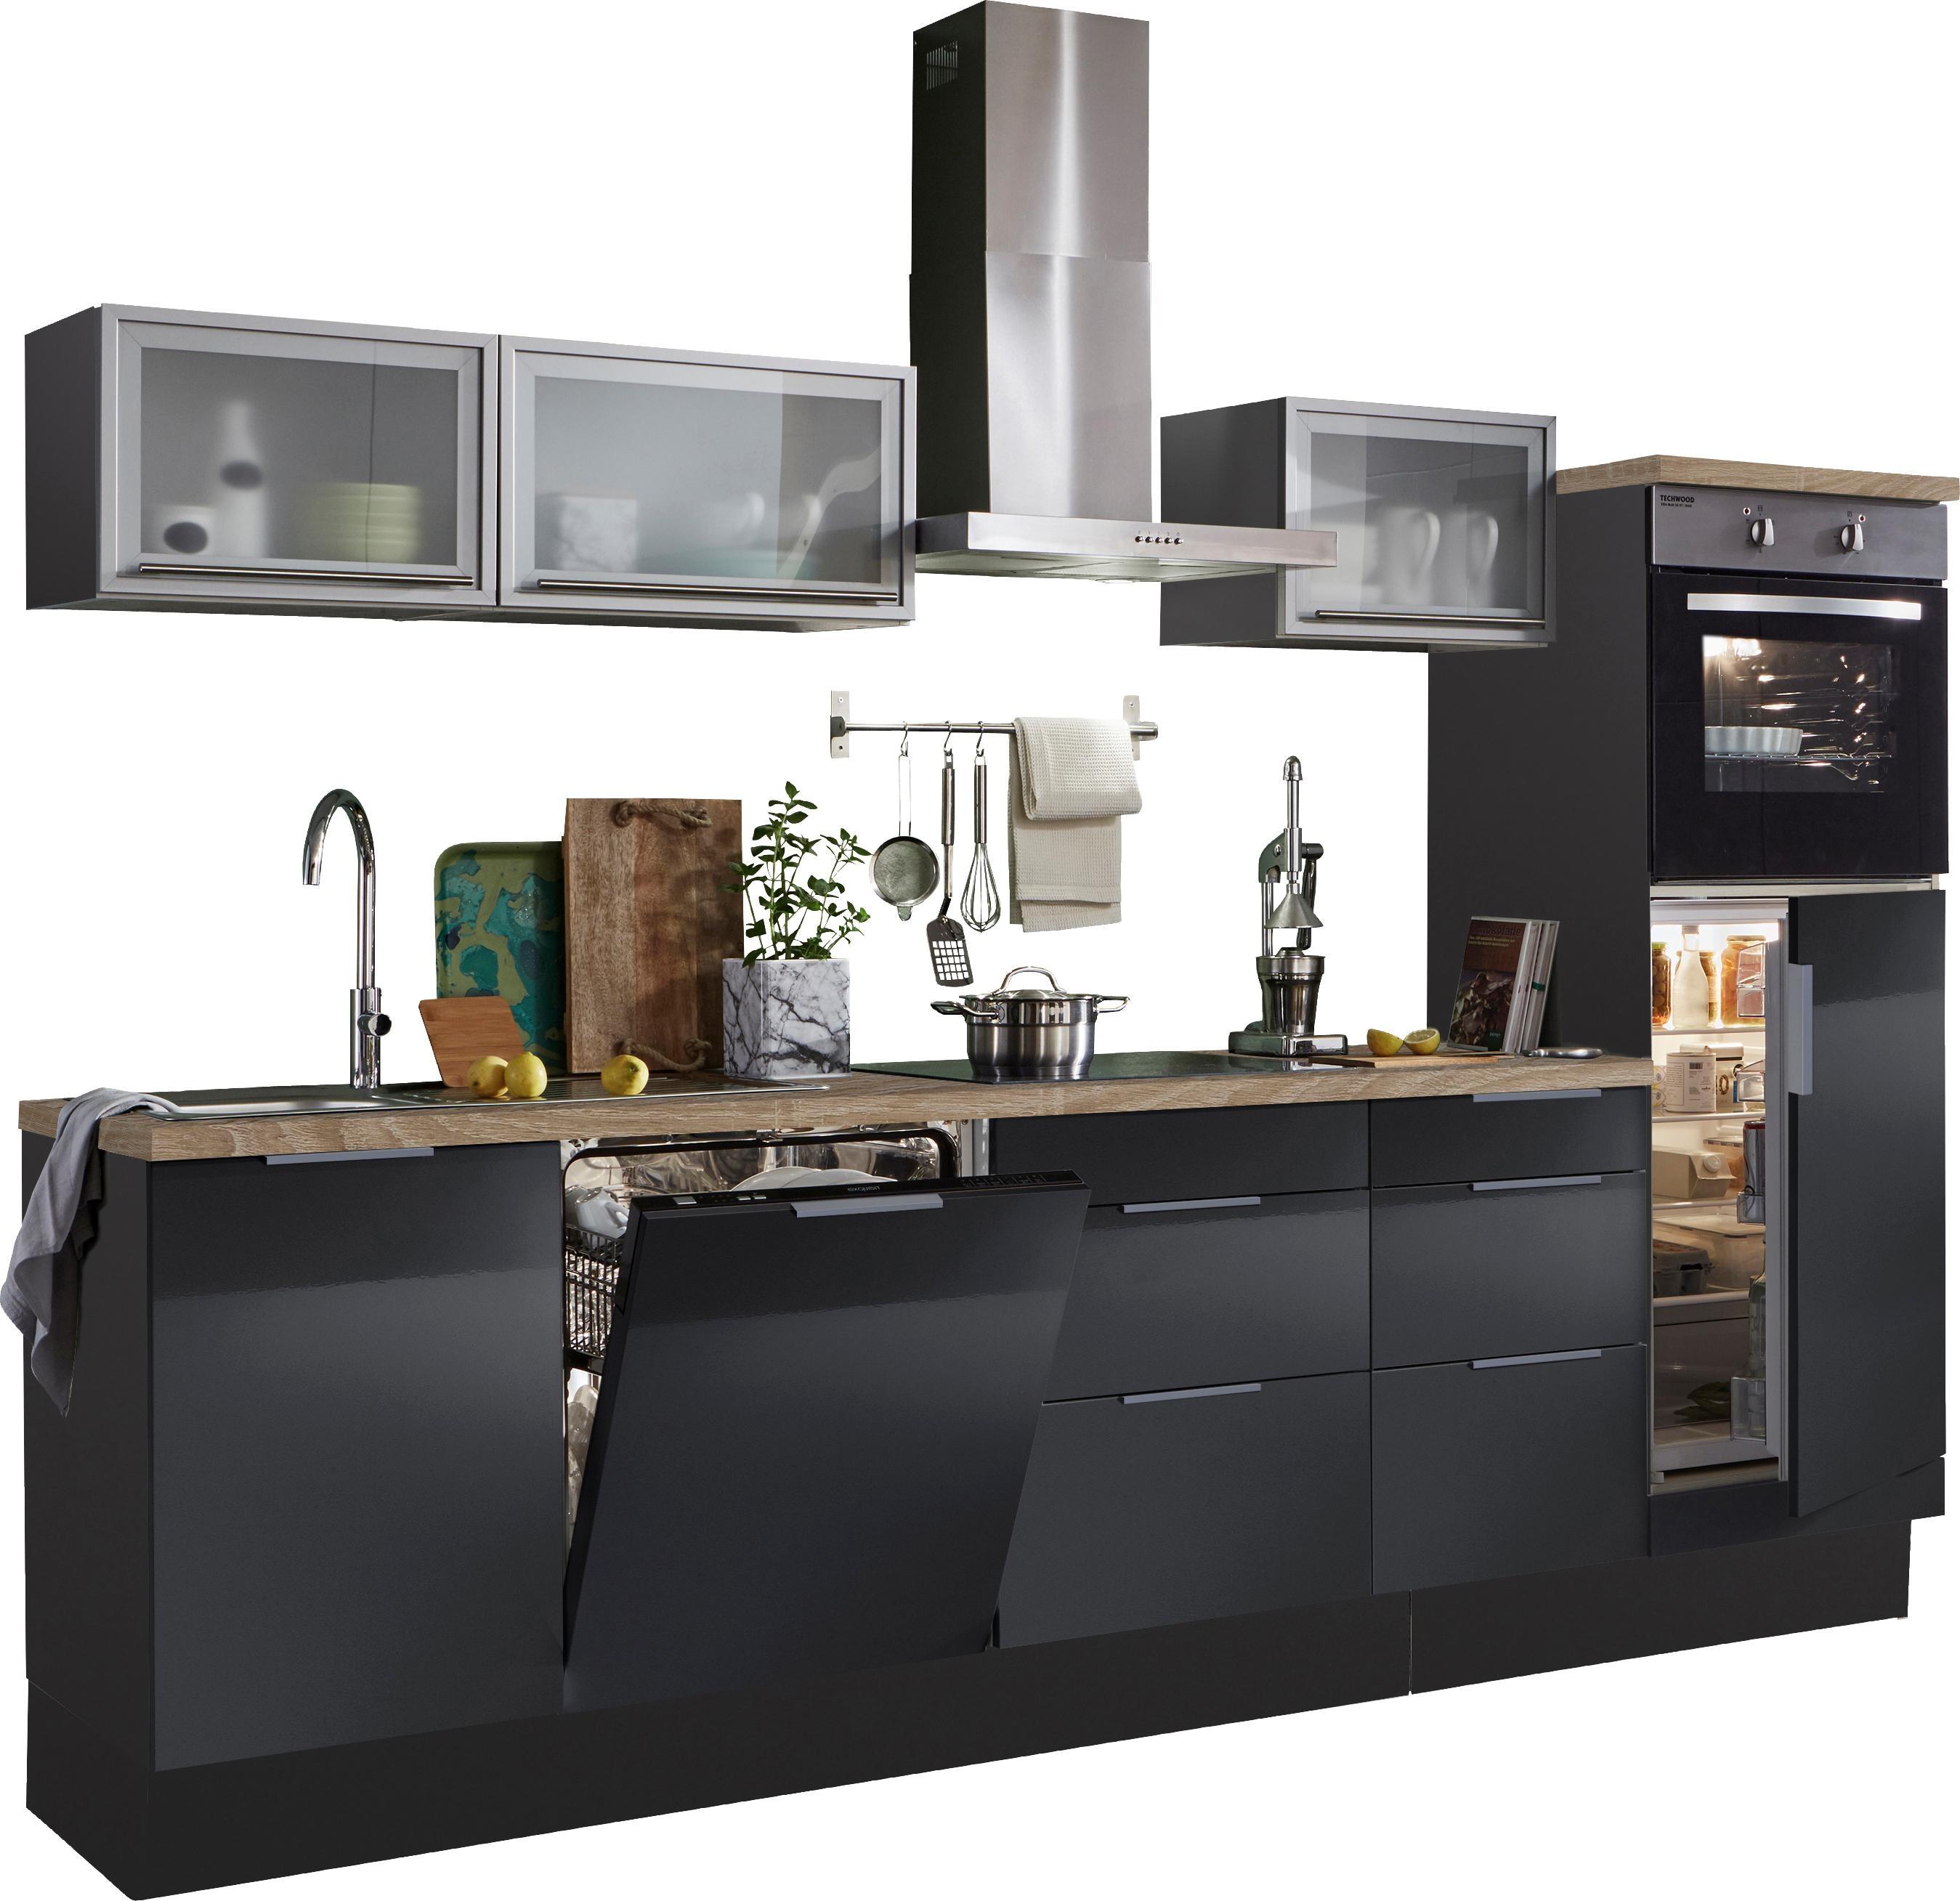 Optifit Küchenzeile Ohne E Geräte Tara Breite 240 Cm Kaufen Baur